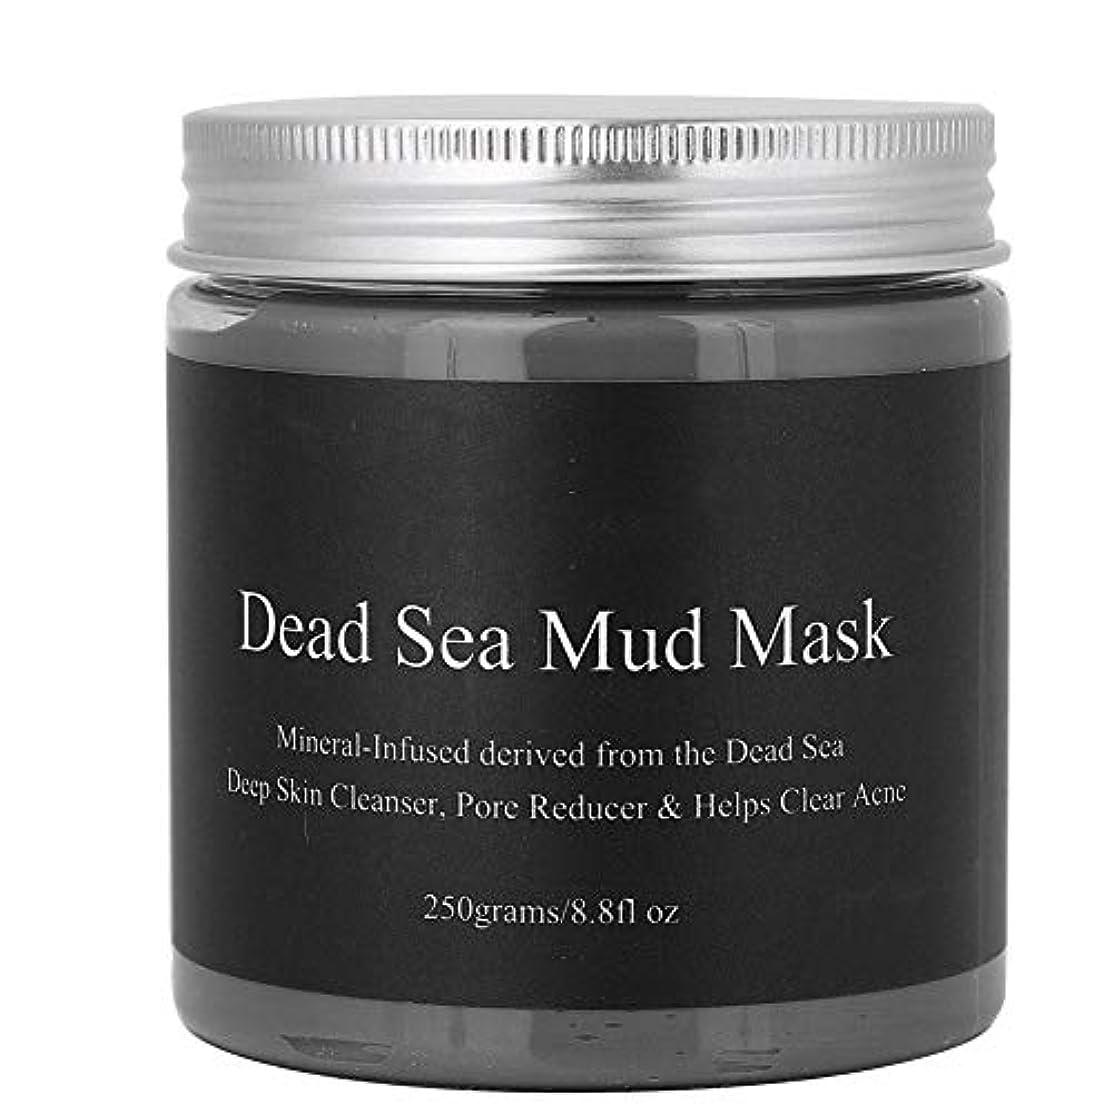 バルク復活する独裁死海の泥マスク、フェイシャルマスク保湿栄養マスク - 250 g